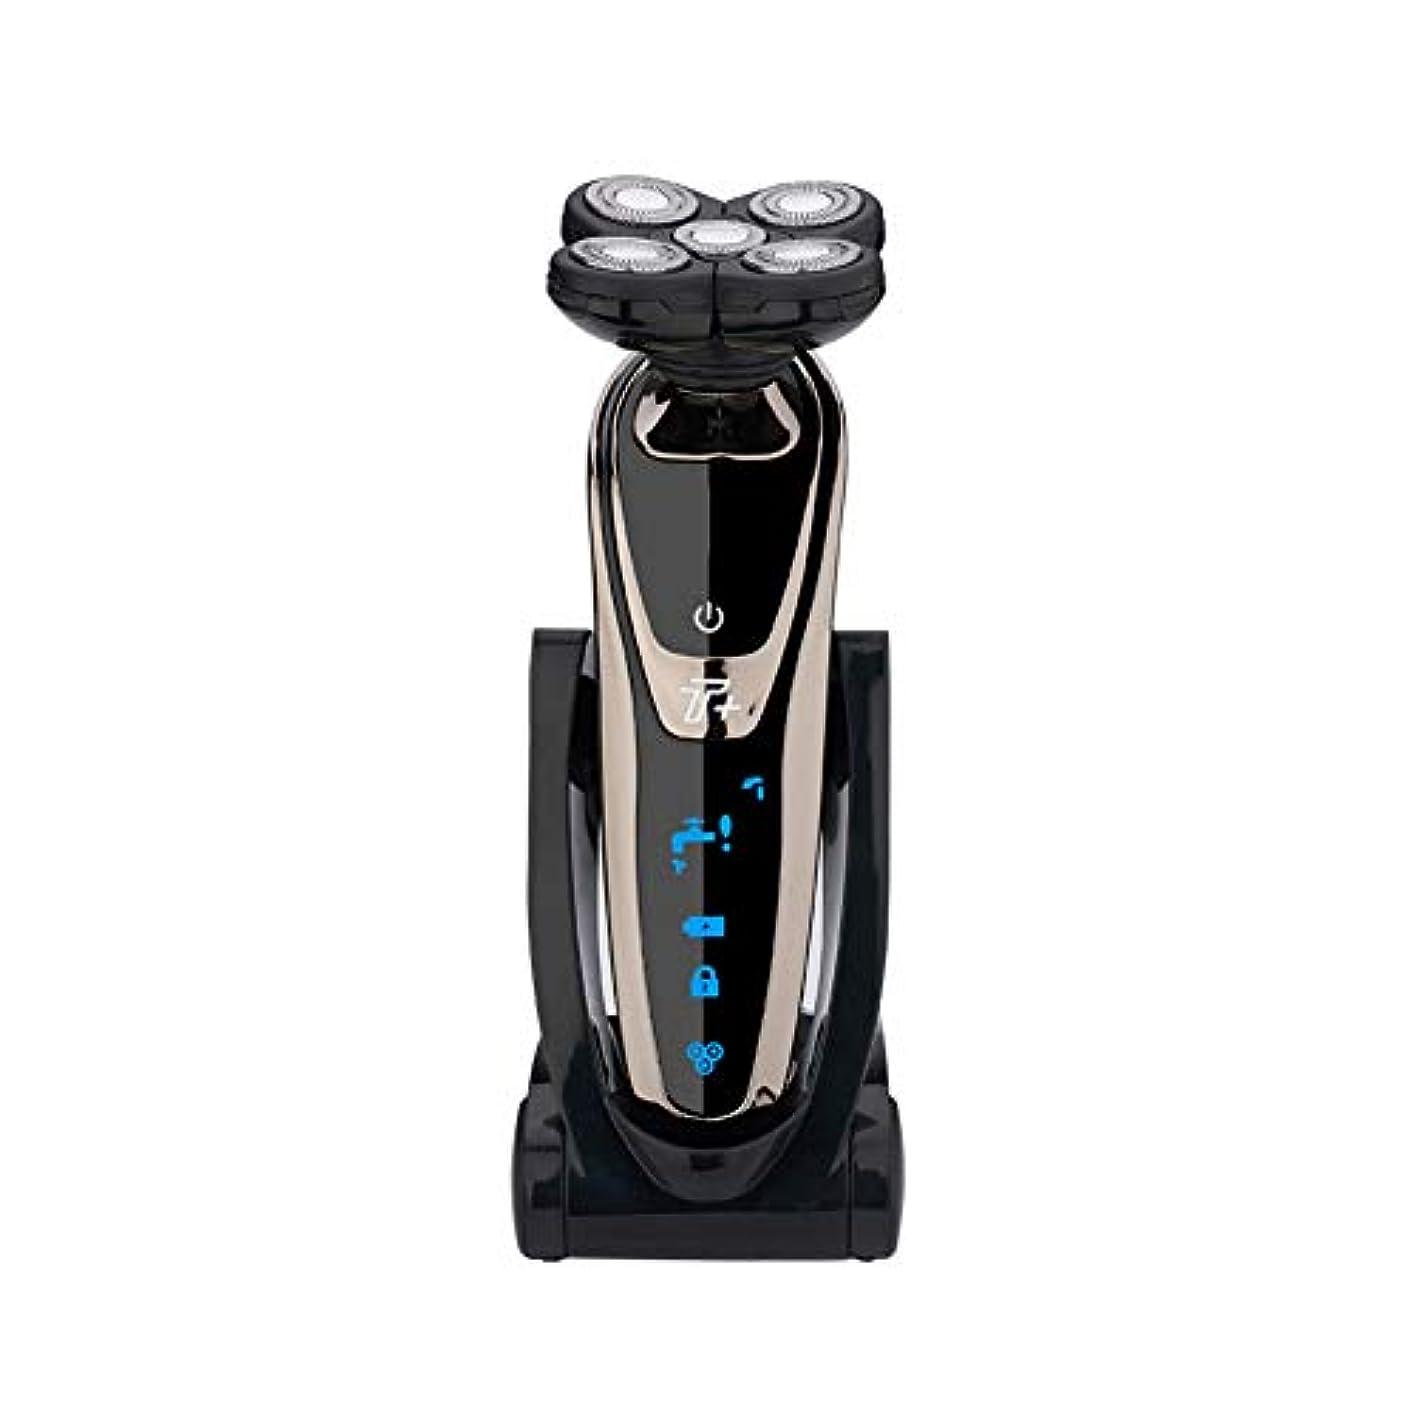 男性用充電式電気かみそり、2019更新バージョンウェットとドライロータリーシェーバーポップアップトリマー、Ipx7防水電気箔かみそり